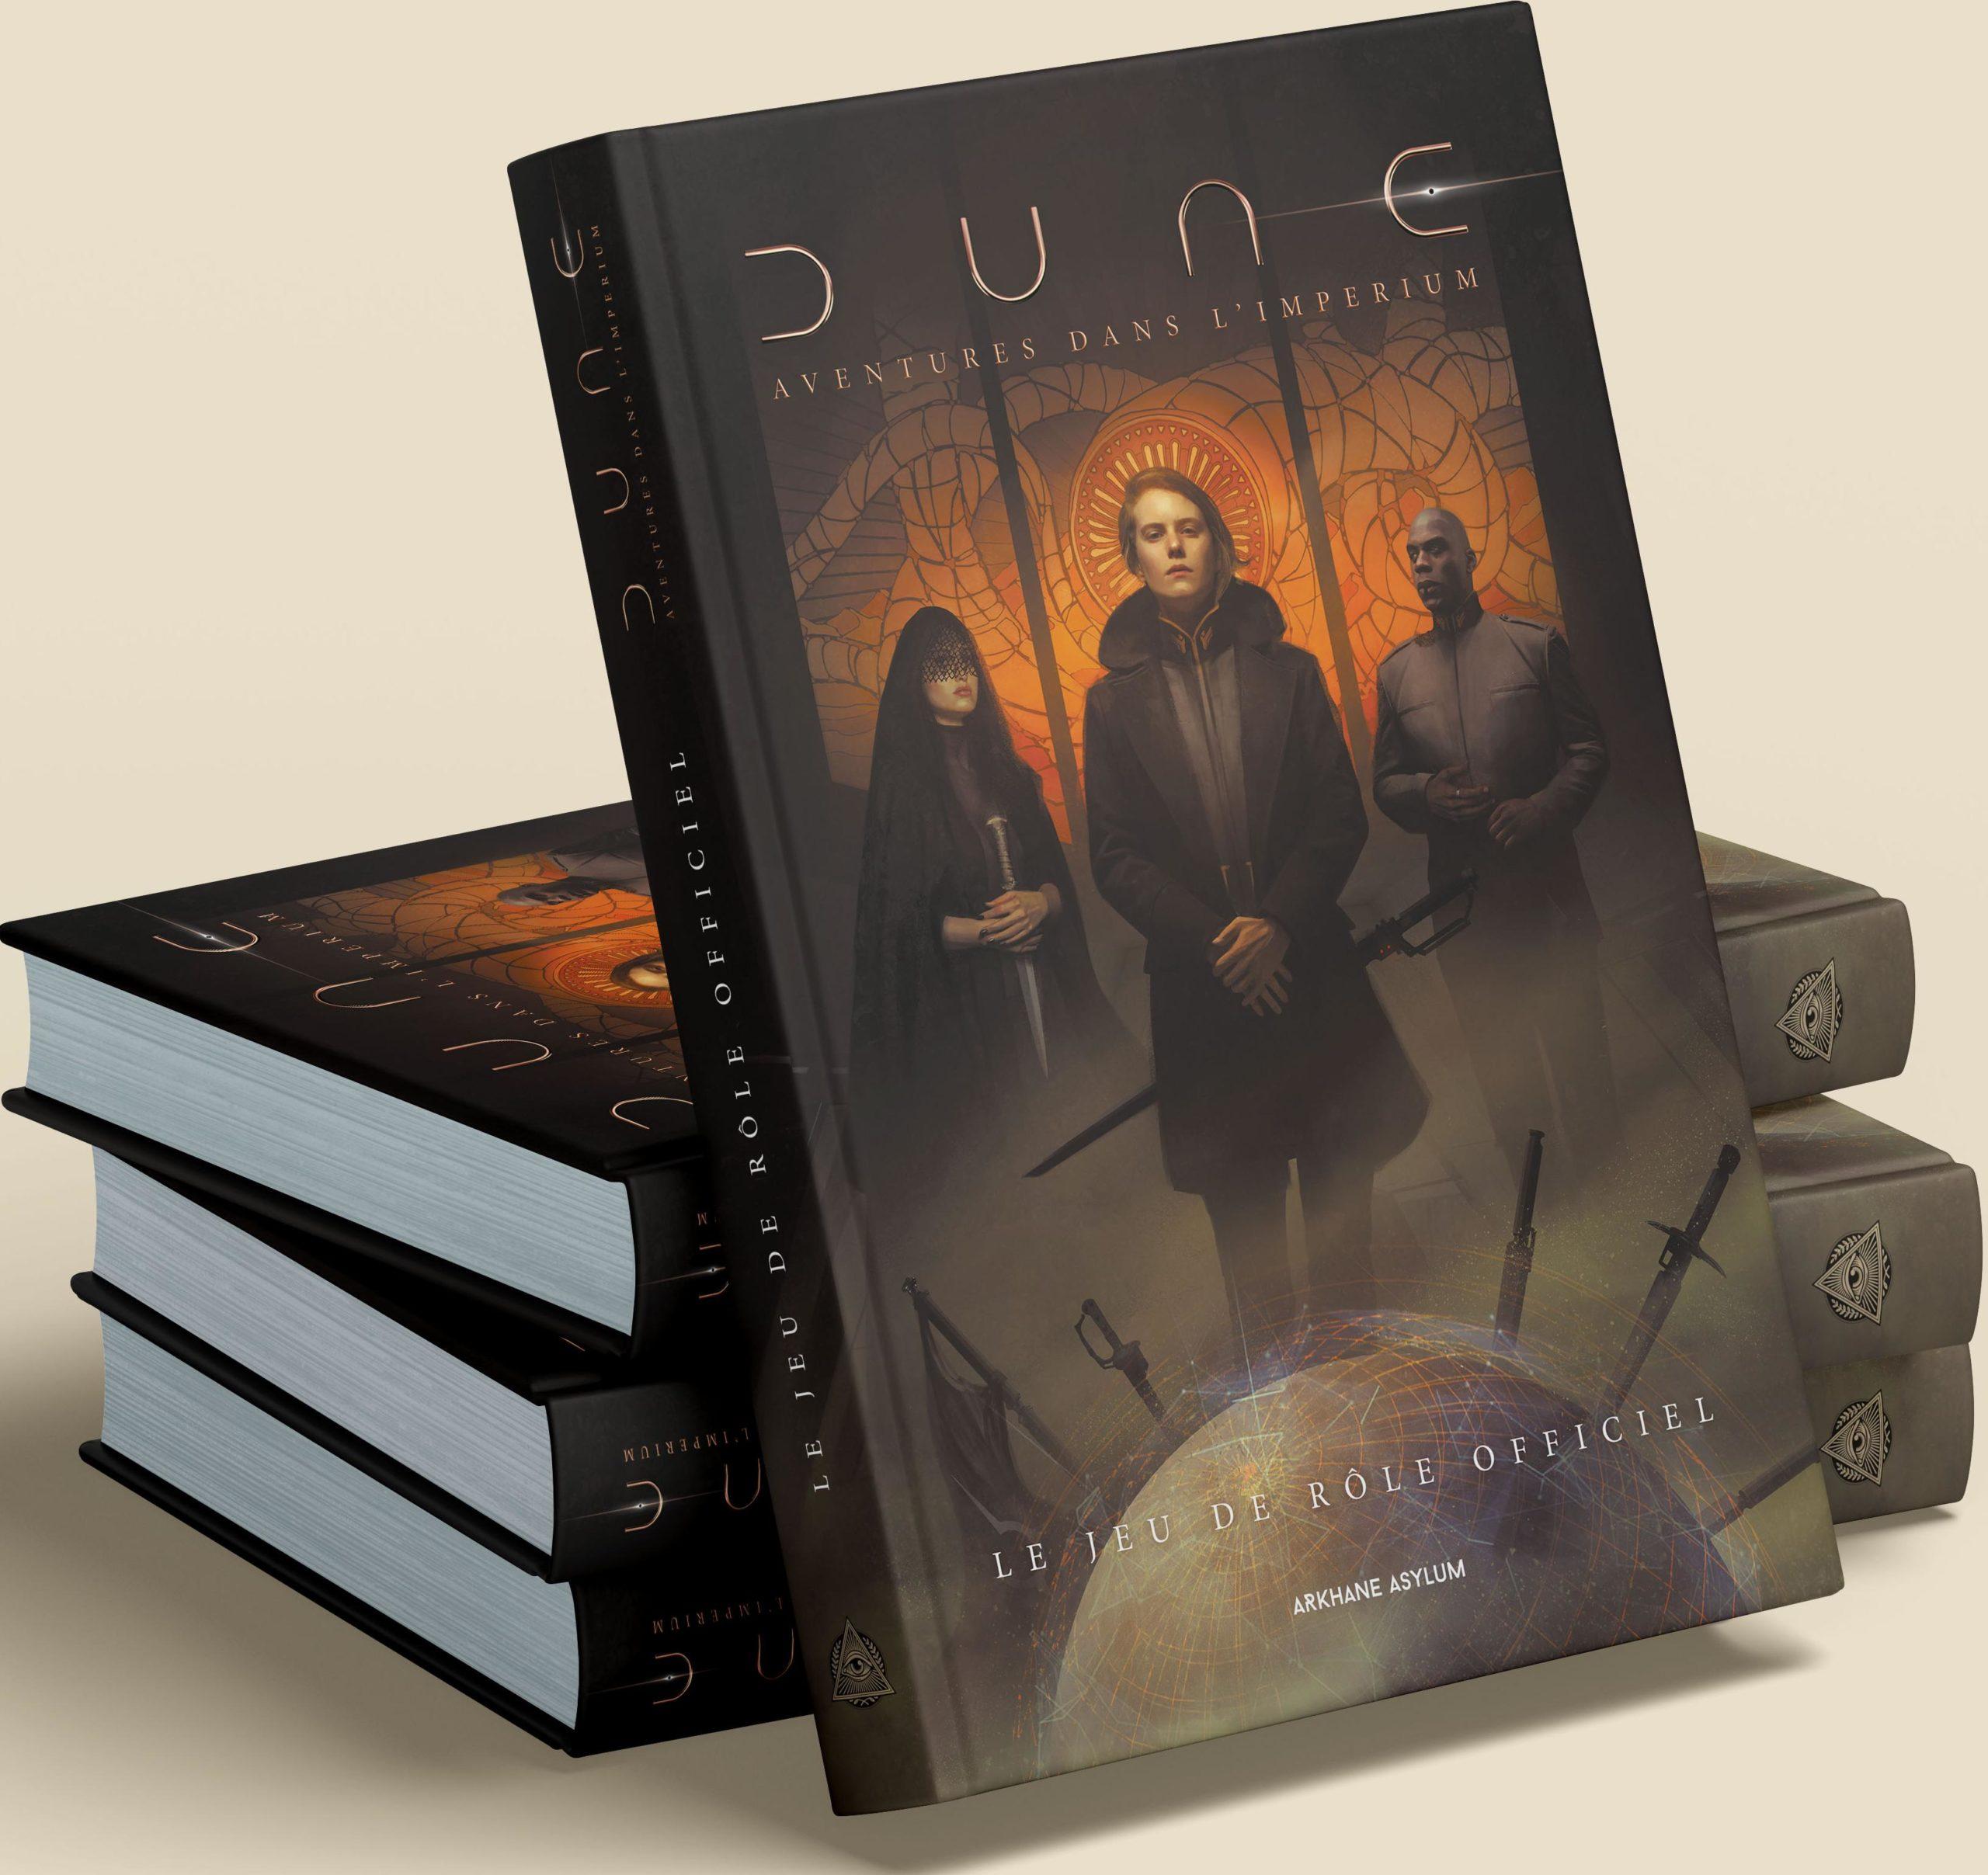 Dune Aventures dans l Imperium pile de livres de base Arkhane Asylum | Jeux Toulon L'Atanière